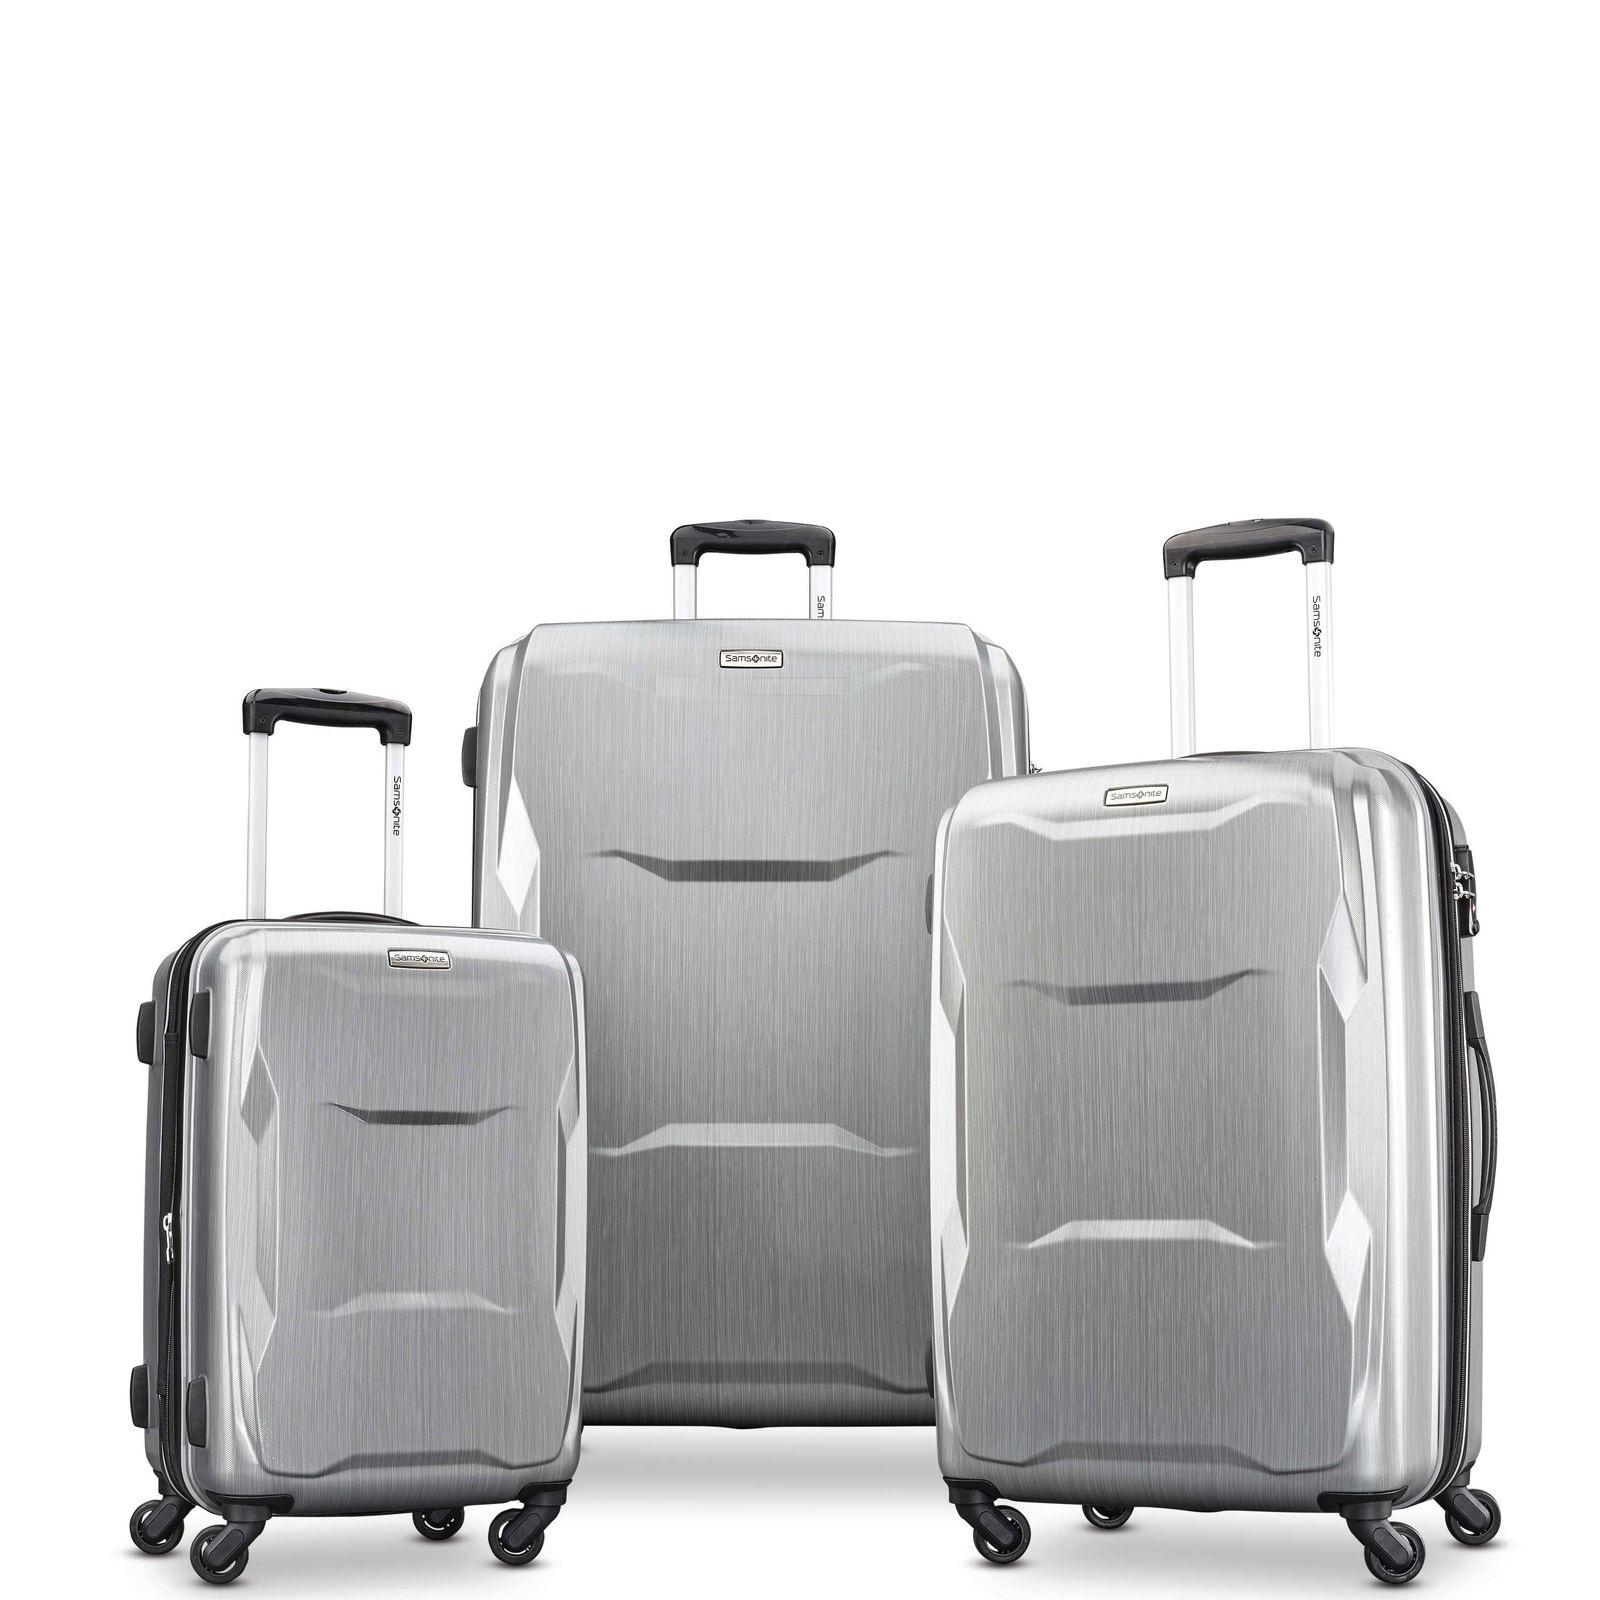 多色可??!Samsonite 新秀丽 Pivot 行李箱拉杆箱3件套 20寸+25寸+29寸